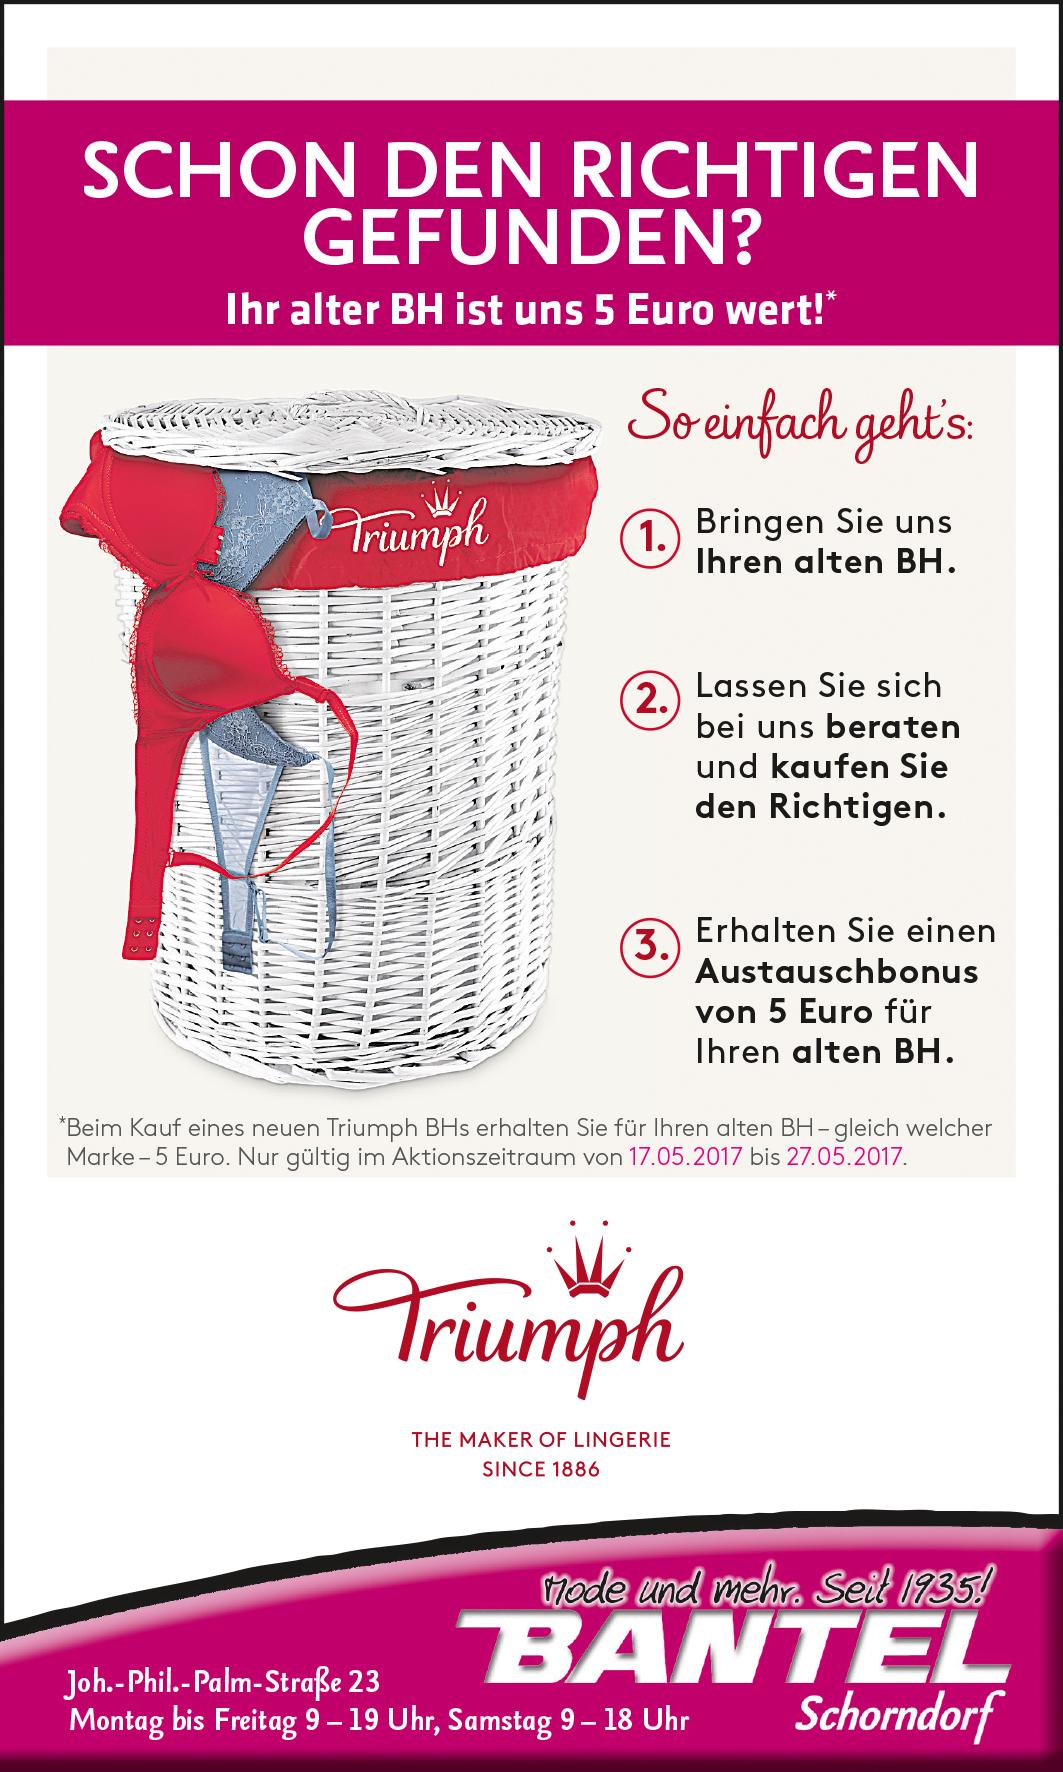 Bantel BH-Tausch Triumph